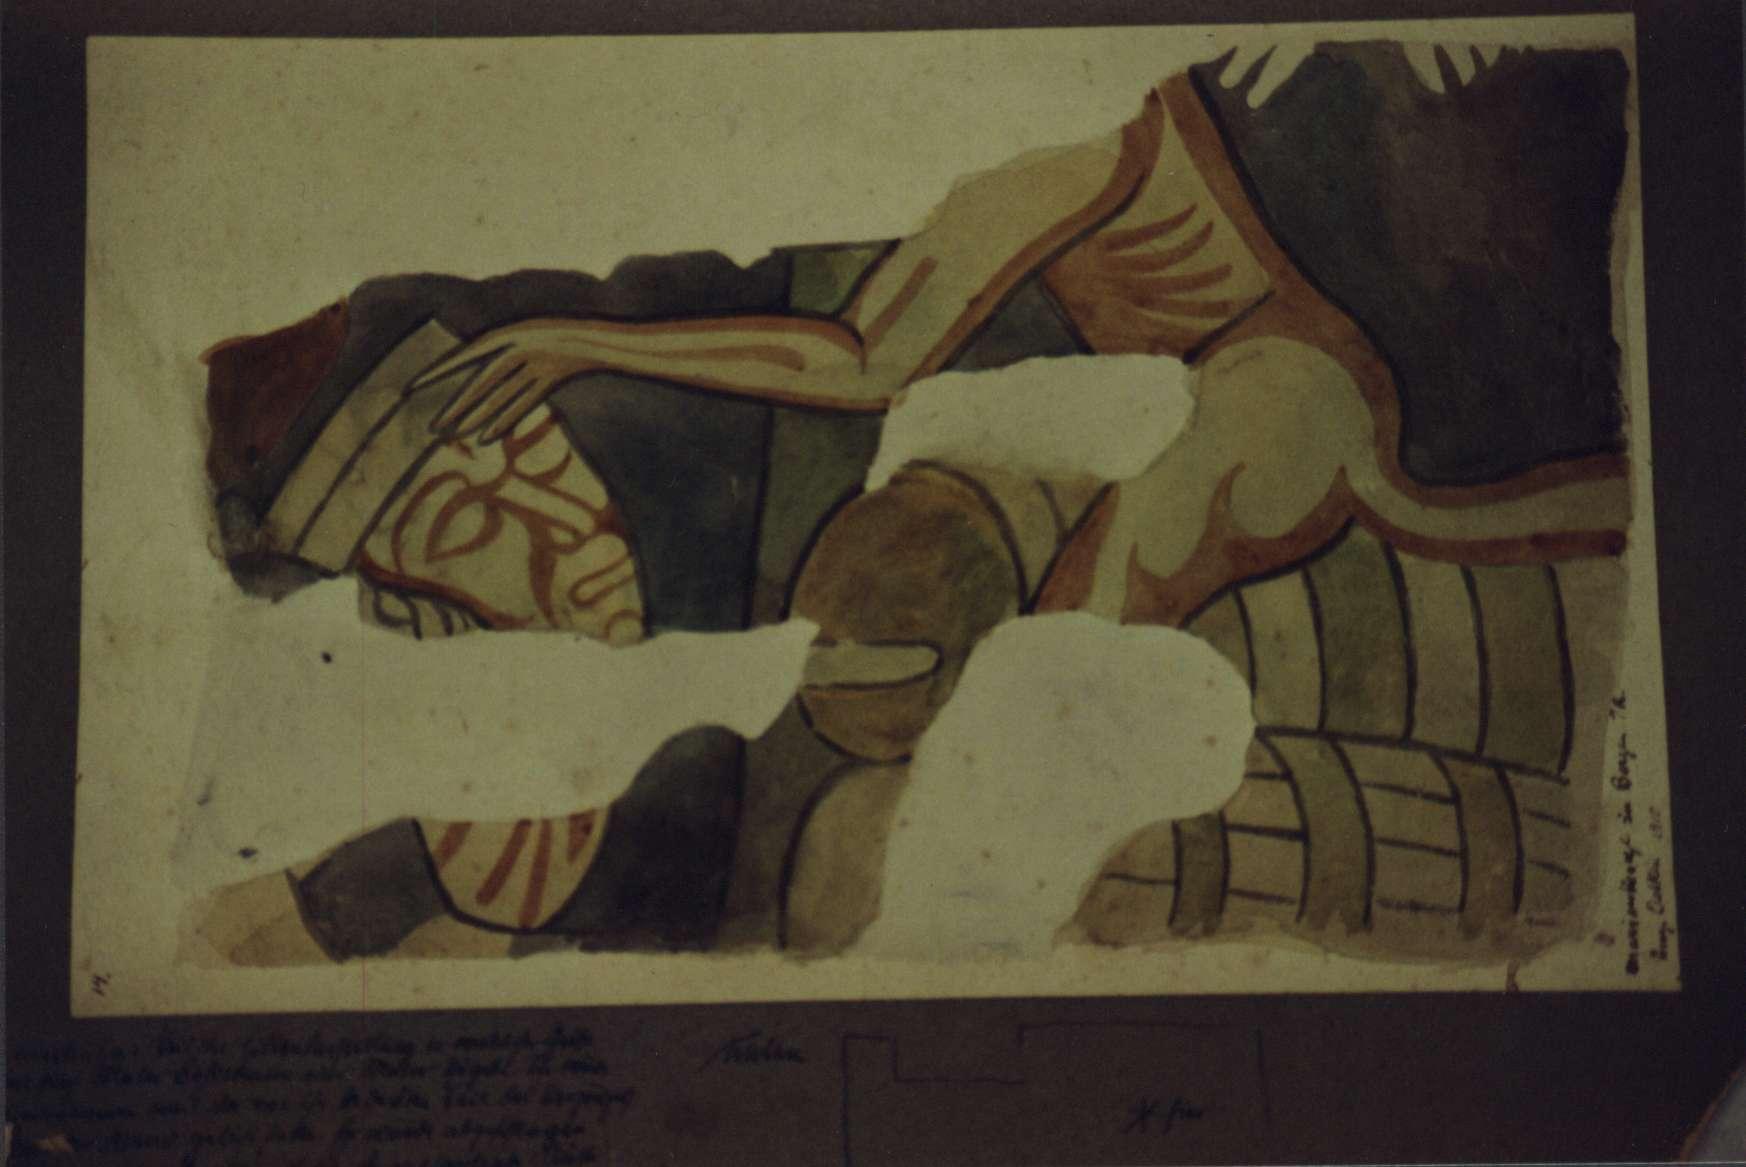 Darstellung eines Details aus der Hölle, auf Karton gezeichnet.